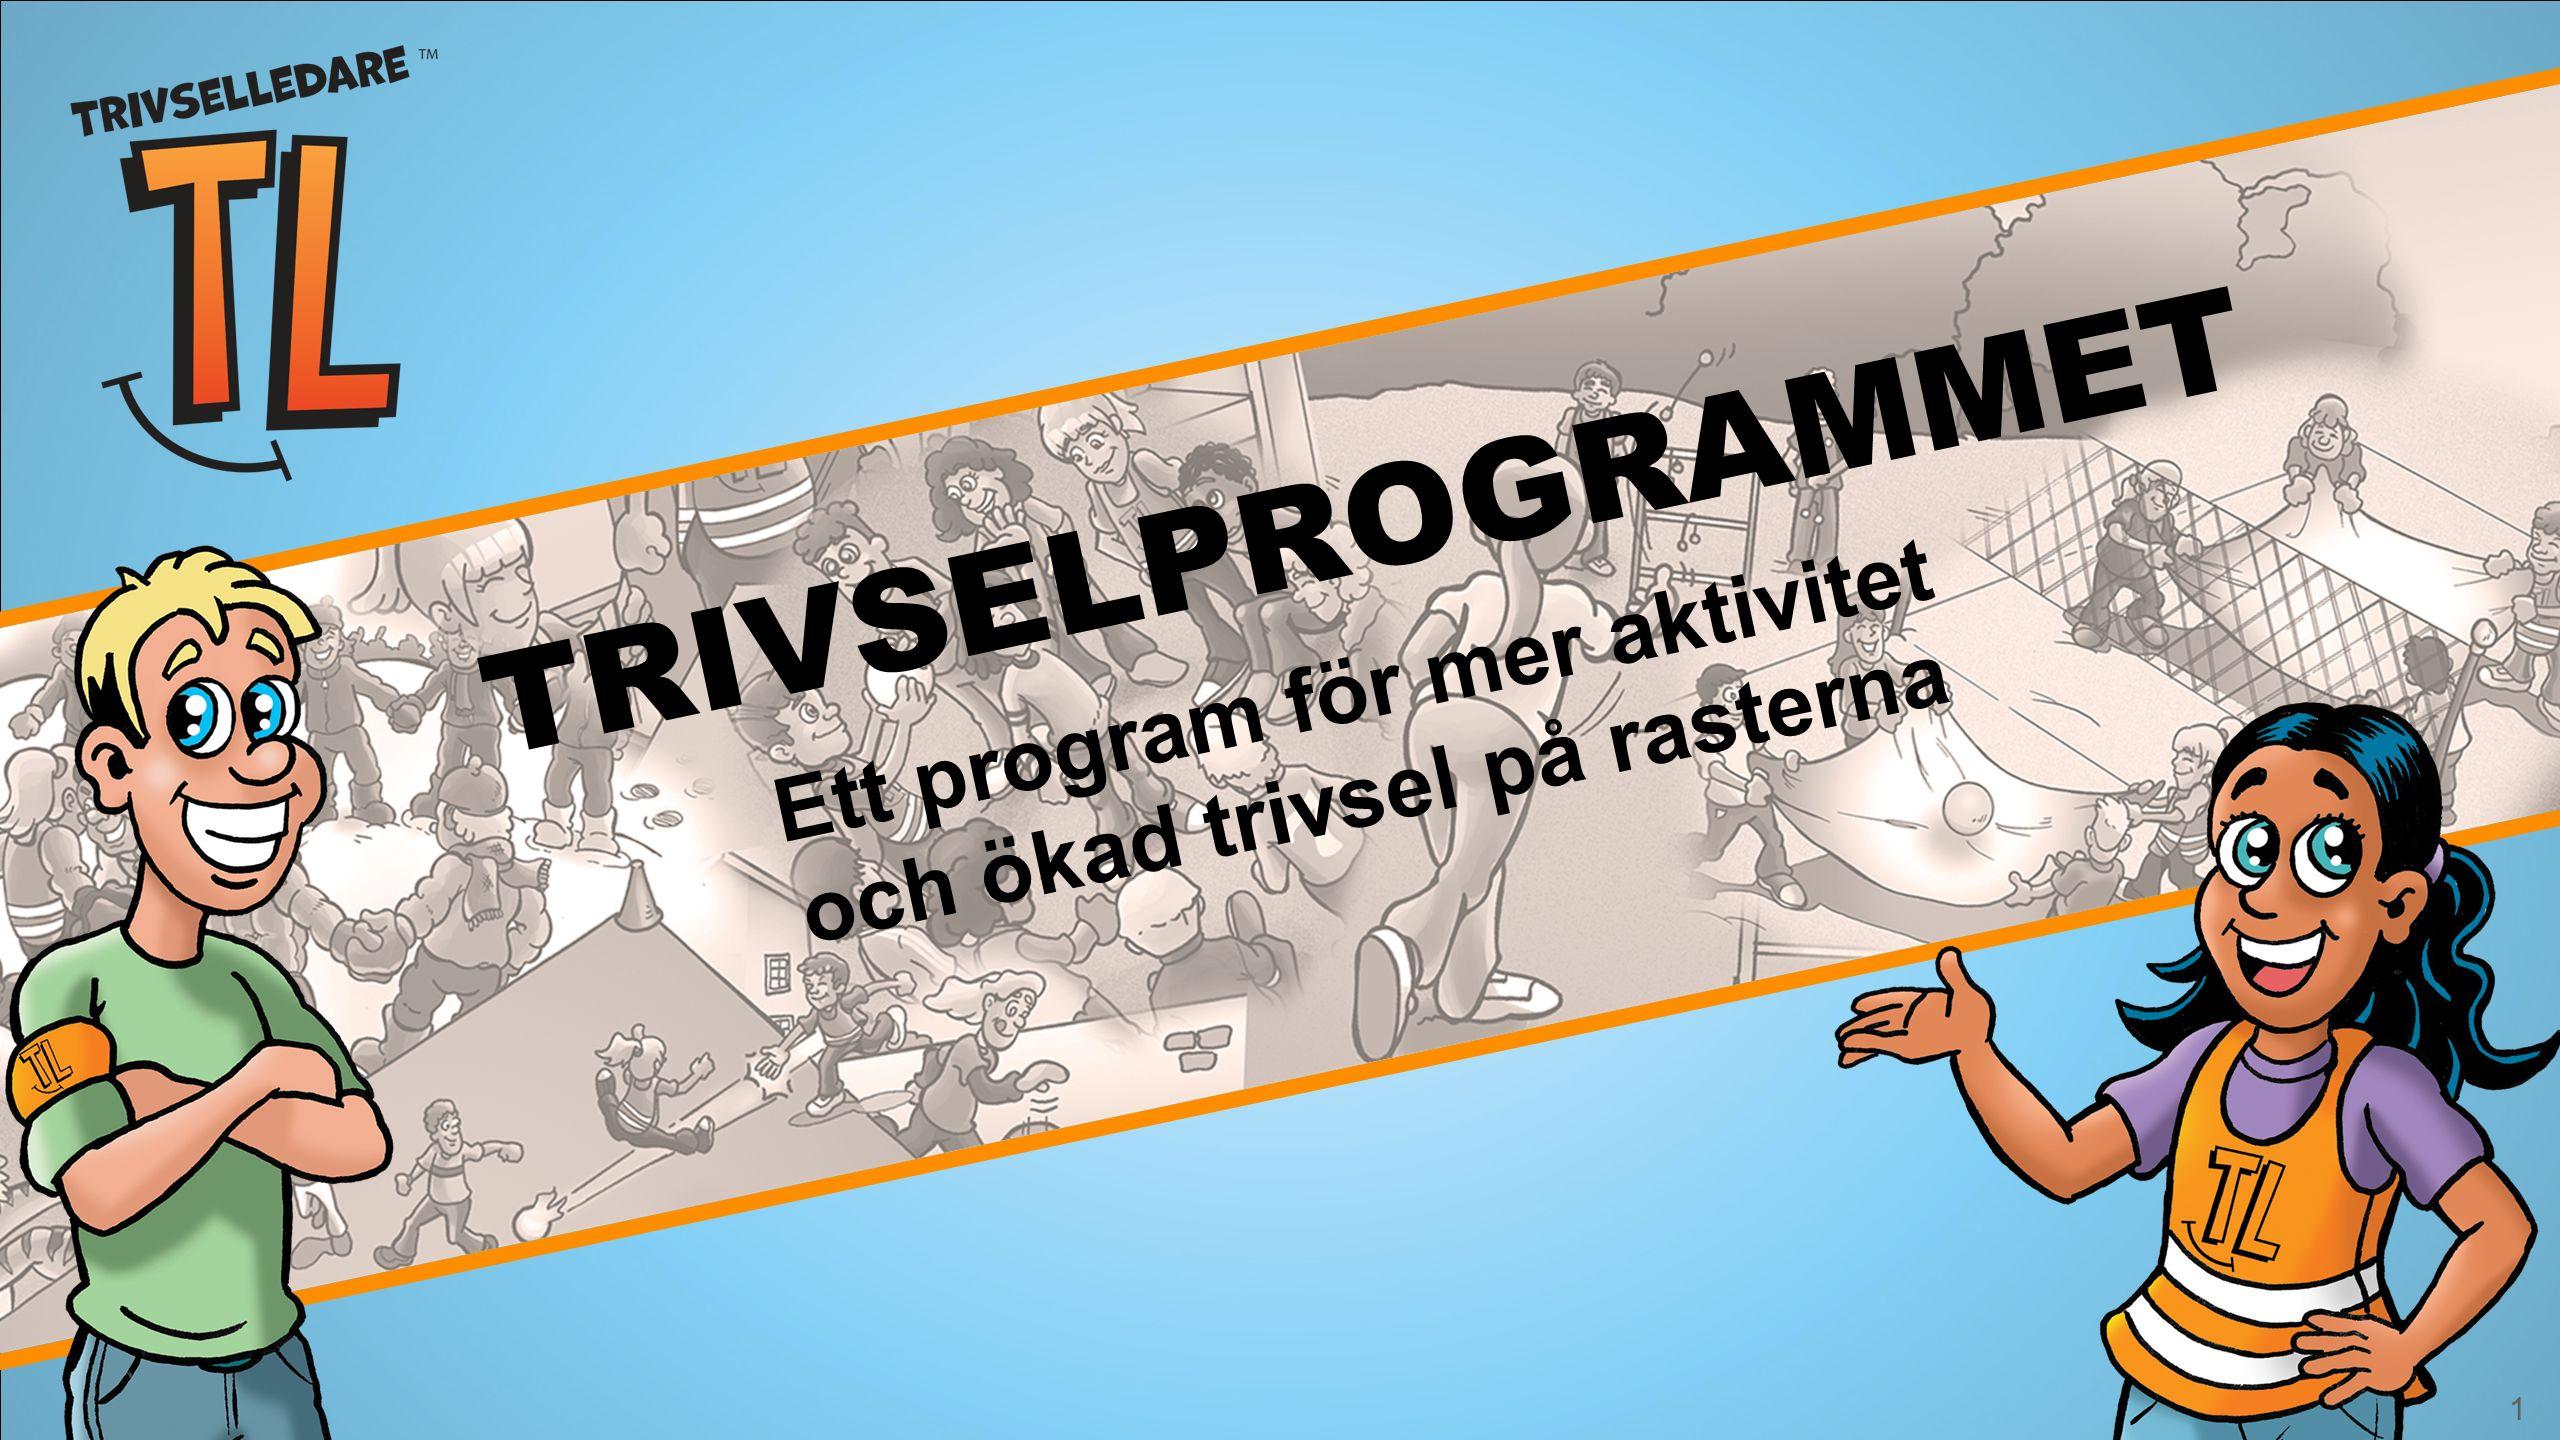 1 Ett program för mer aktivitet och ökad trivsel på rasterna TRIVSELPROGRAMMET